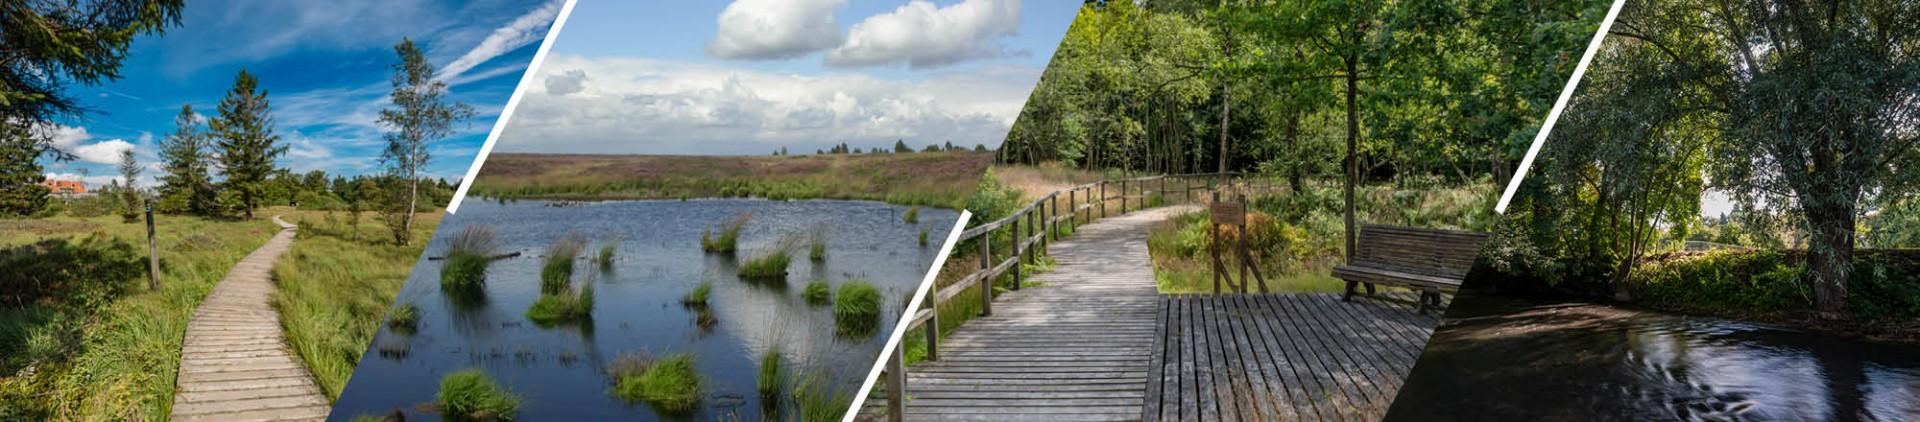 Anerkannte Naturparks in der Provinz Lüttich